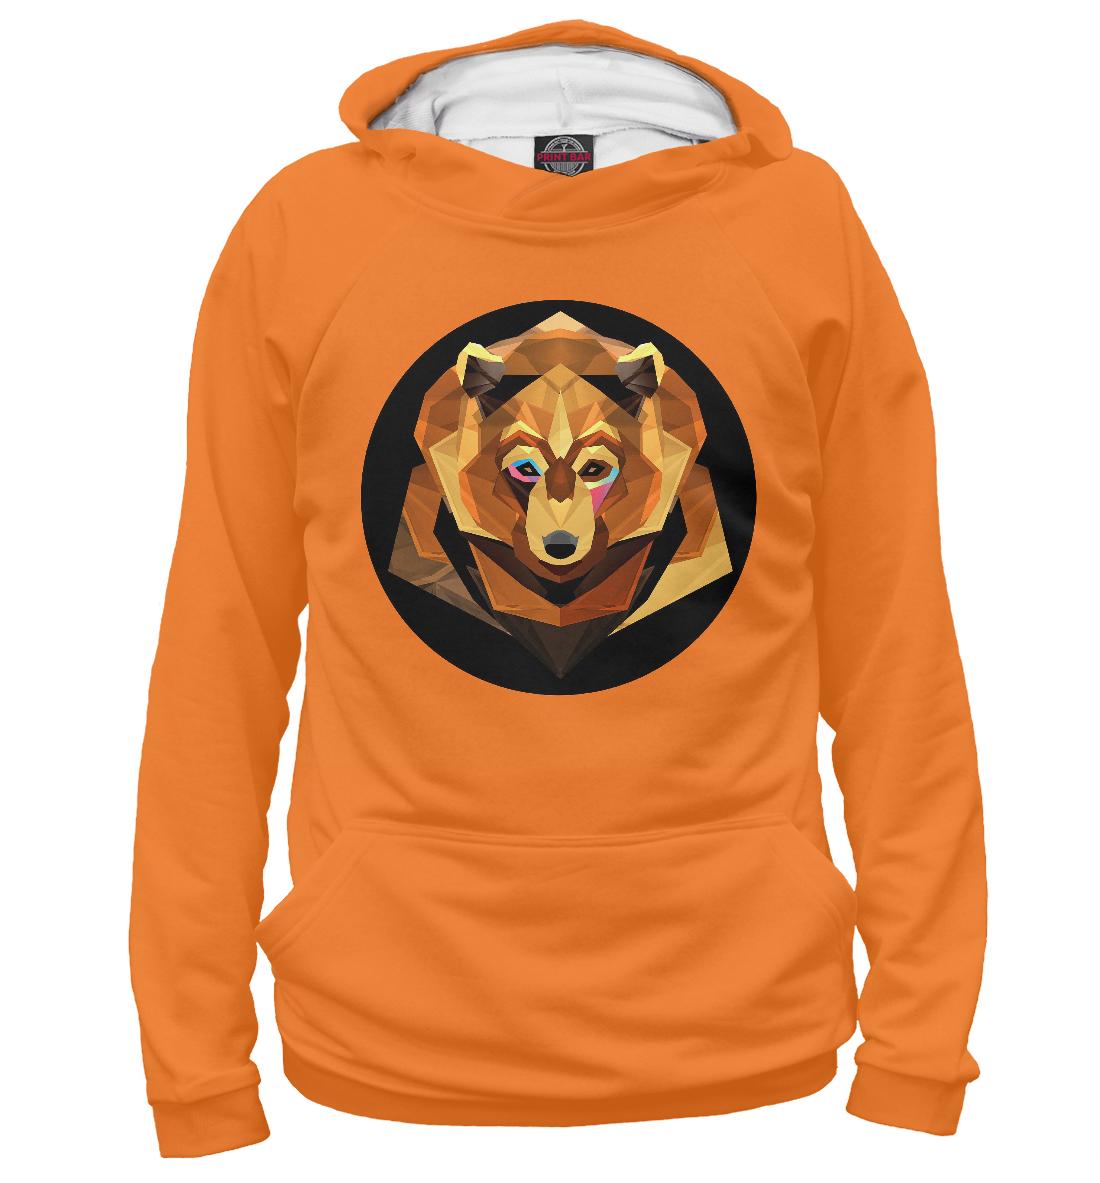 Купить Полигональный медведь, Printbar, Худи, MED-621469-hud-1